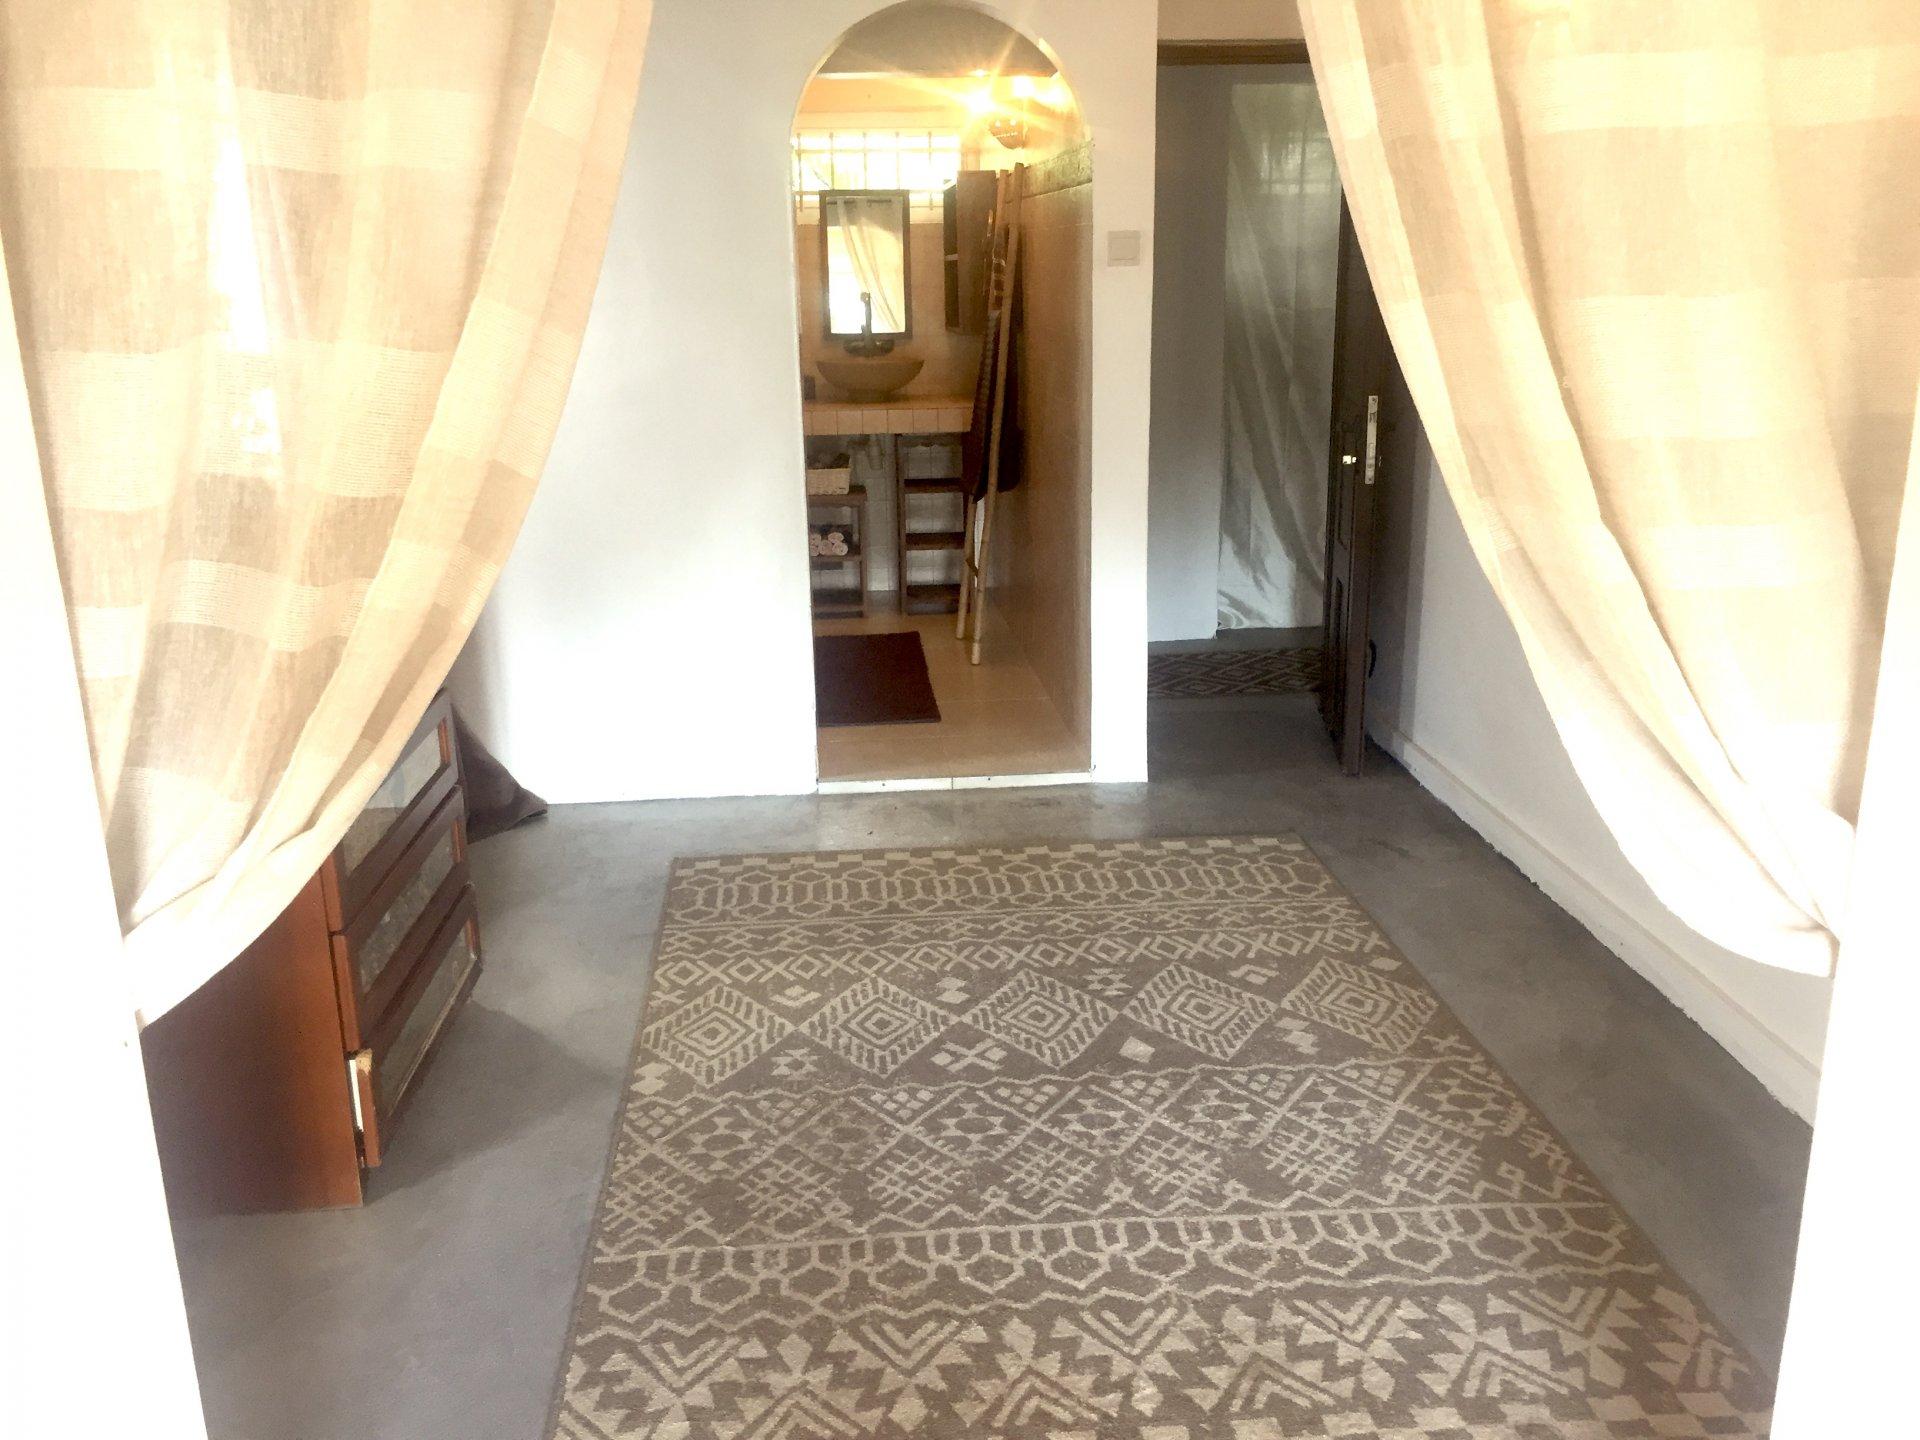 Maison de 2 chambres - Occasion à saisir à Péreybère!